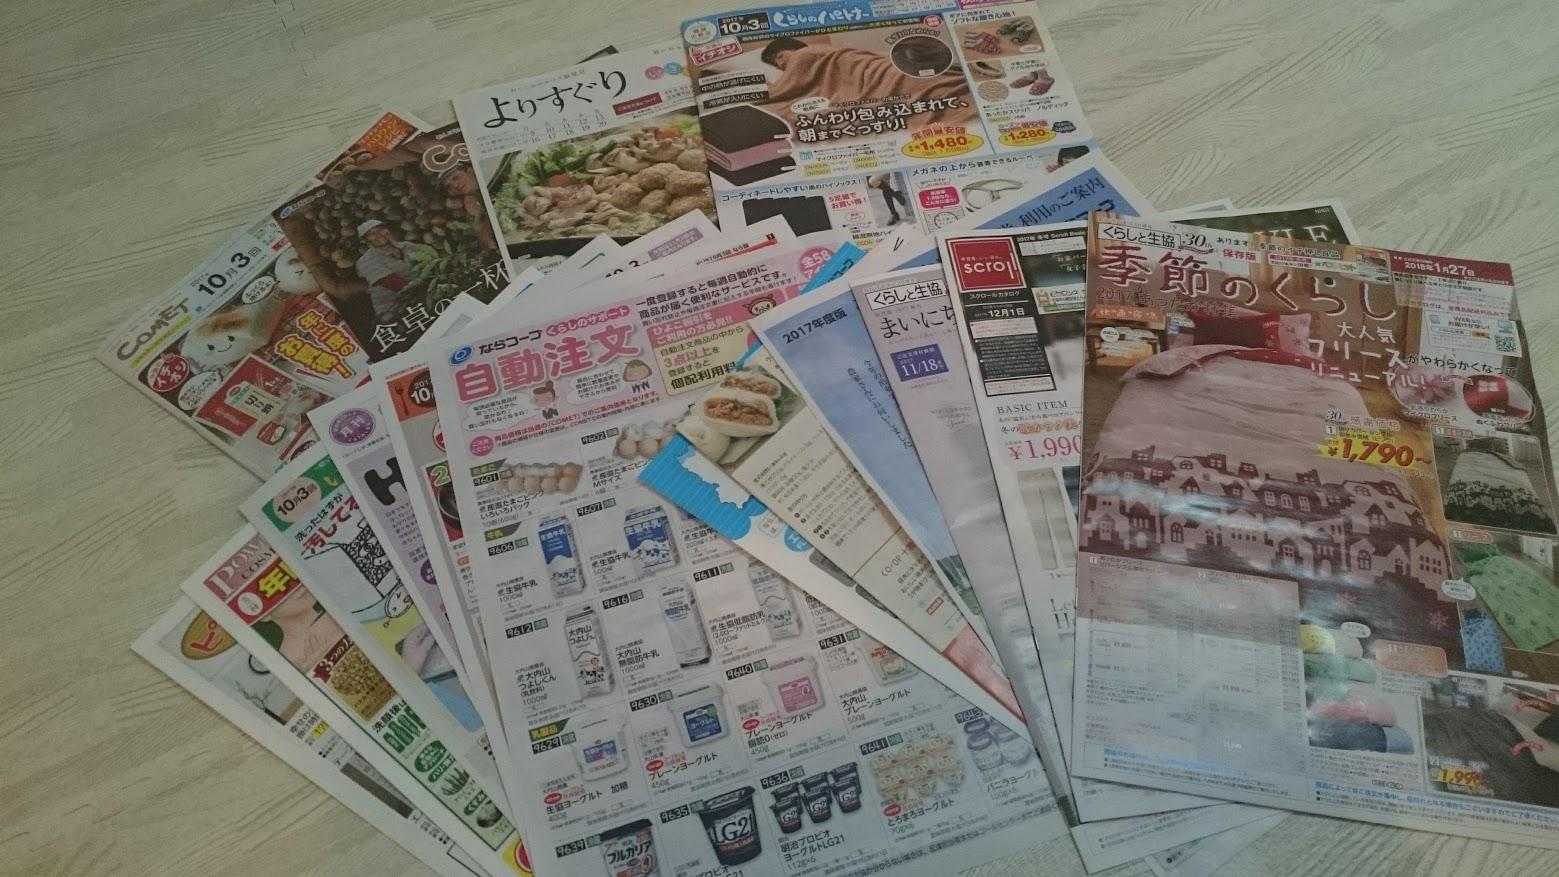 【体験記】食材宅配サービスでお買い物を時短!